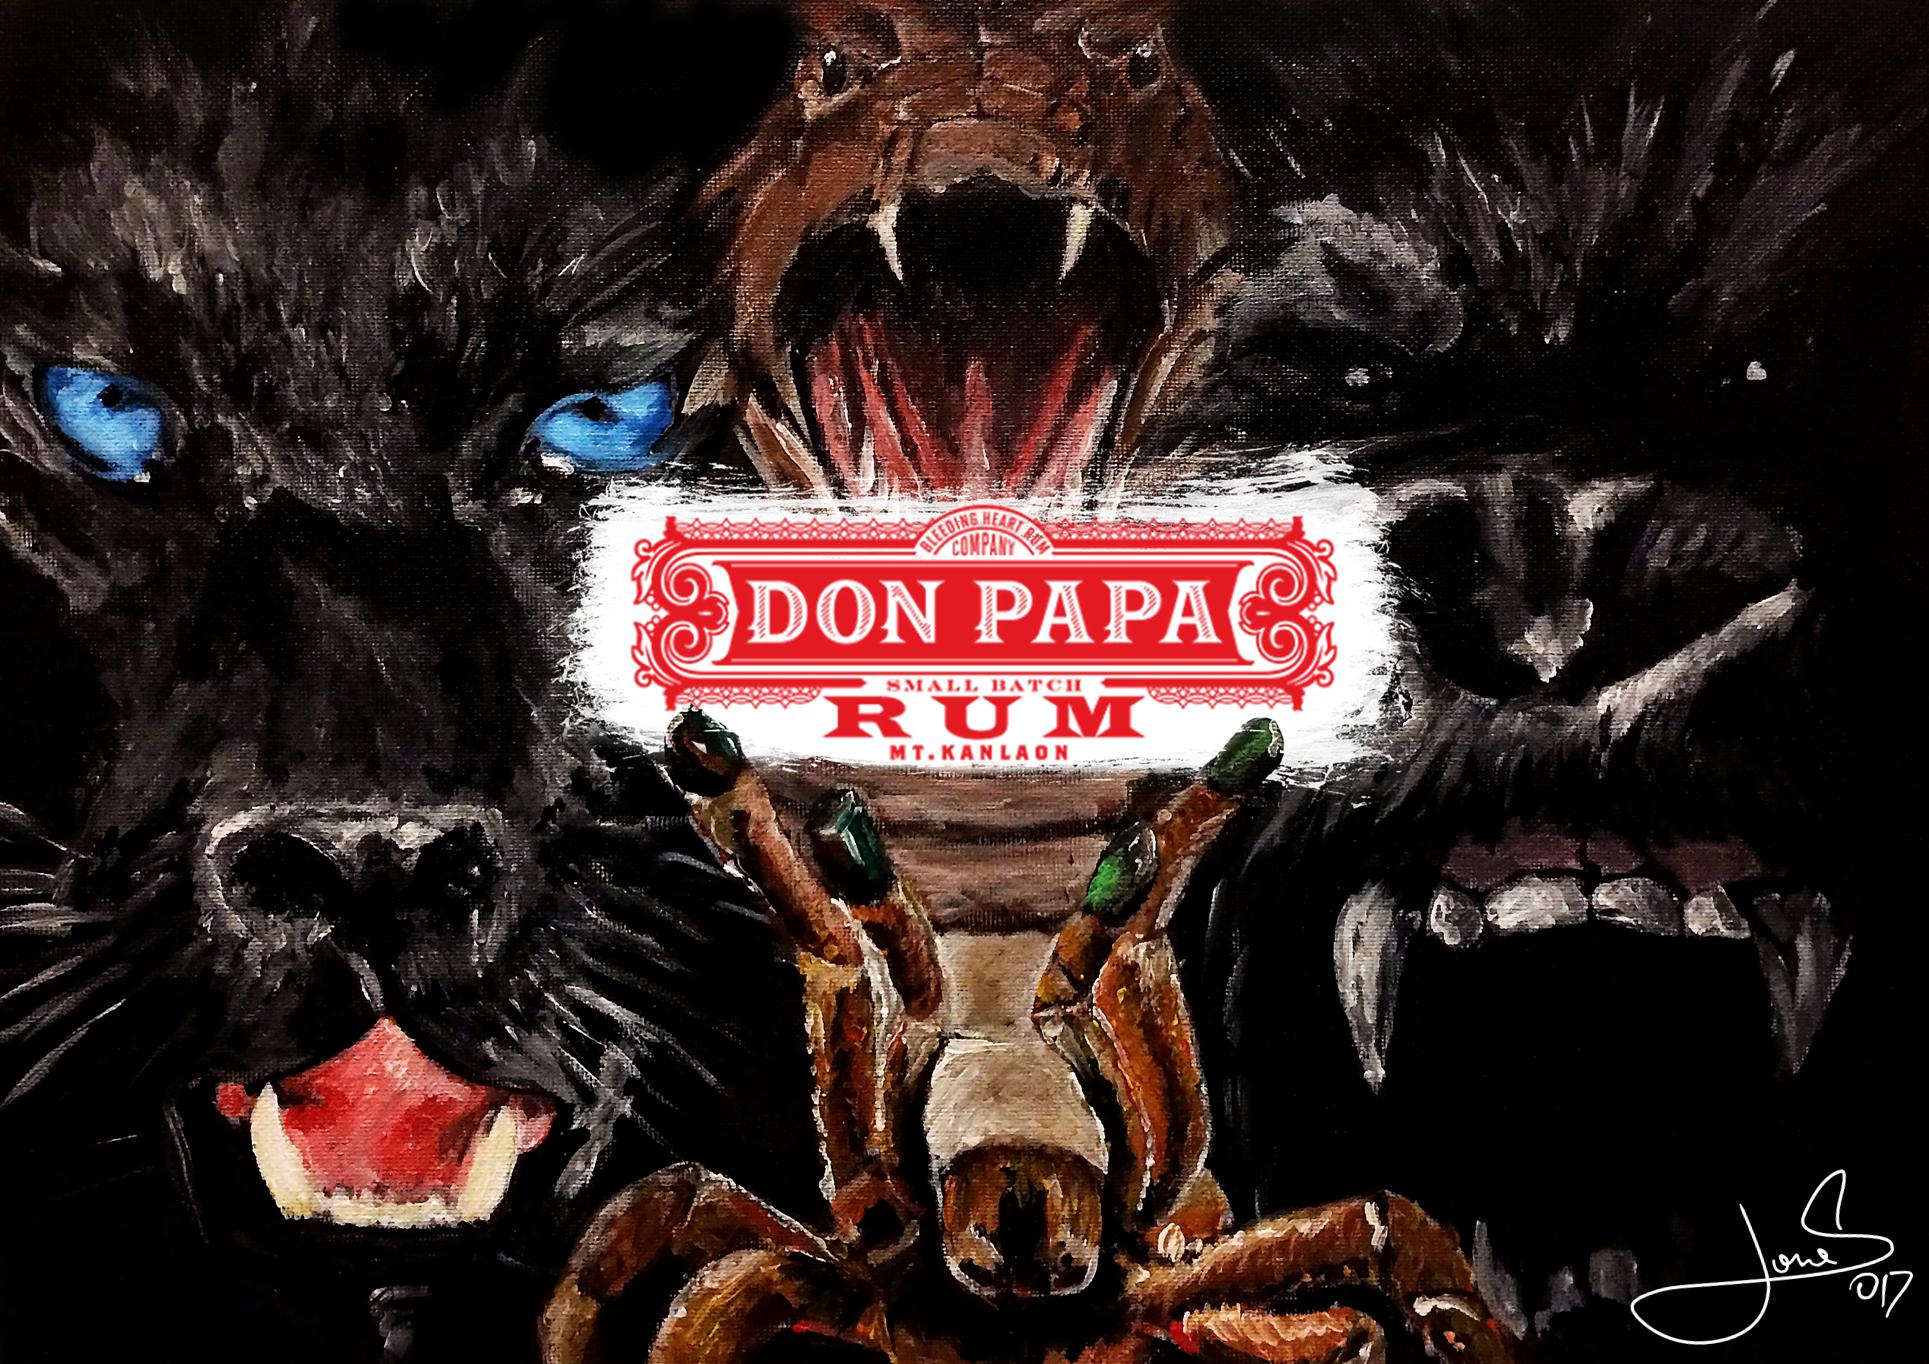 Don Papa design 1